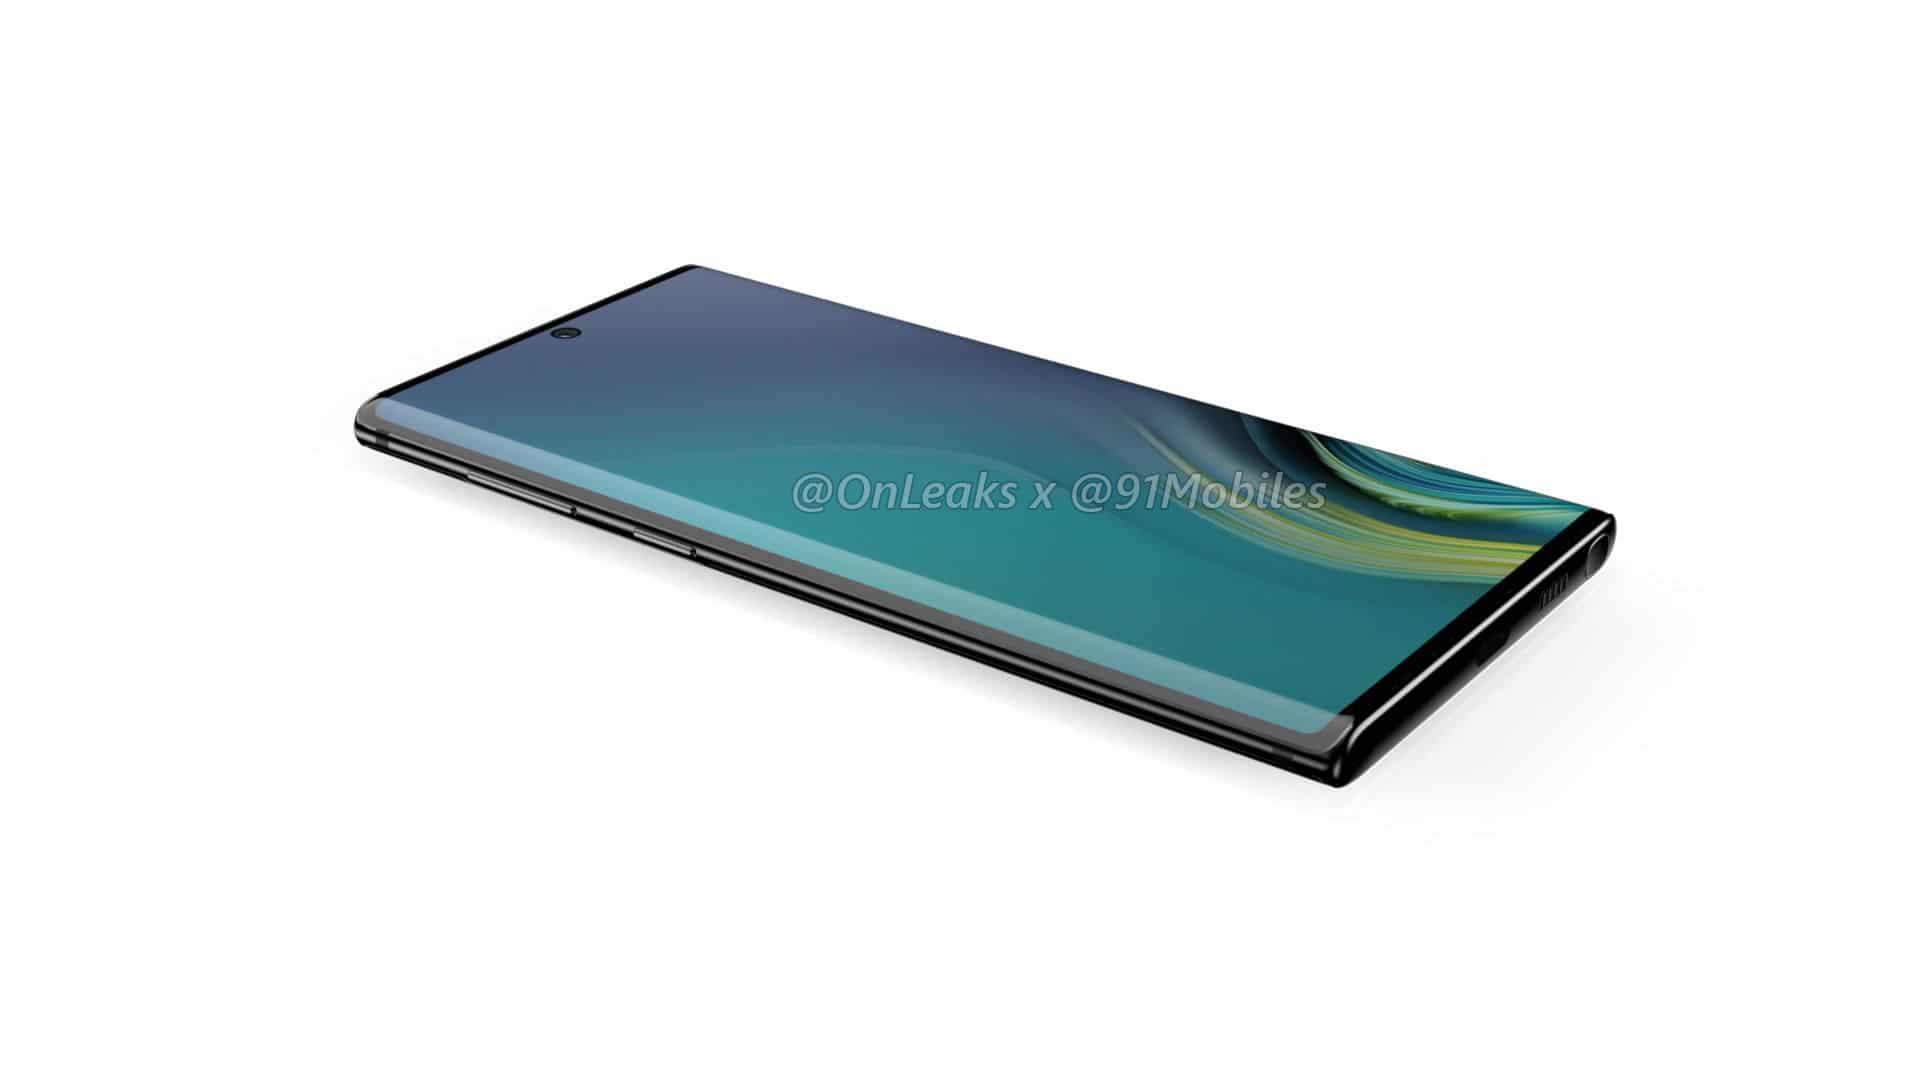 หลุดข้อมูล Samsung Galaxy Note 10 ย้ายกล้องหลังไว้ด้านข้าง แล้วย้ายกล้องหน้ามาตรงกลาง 3